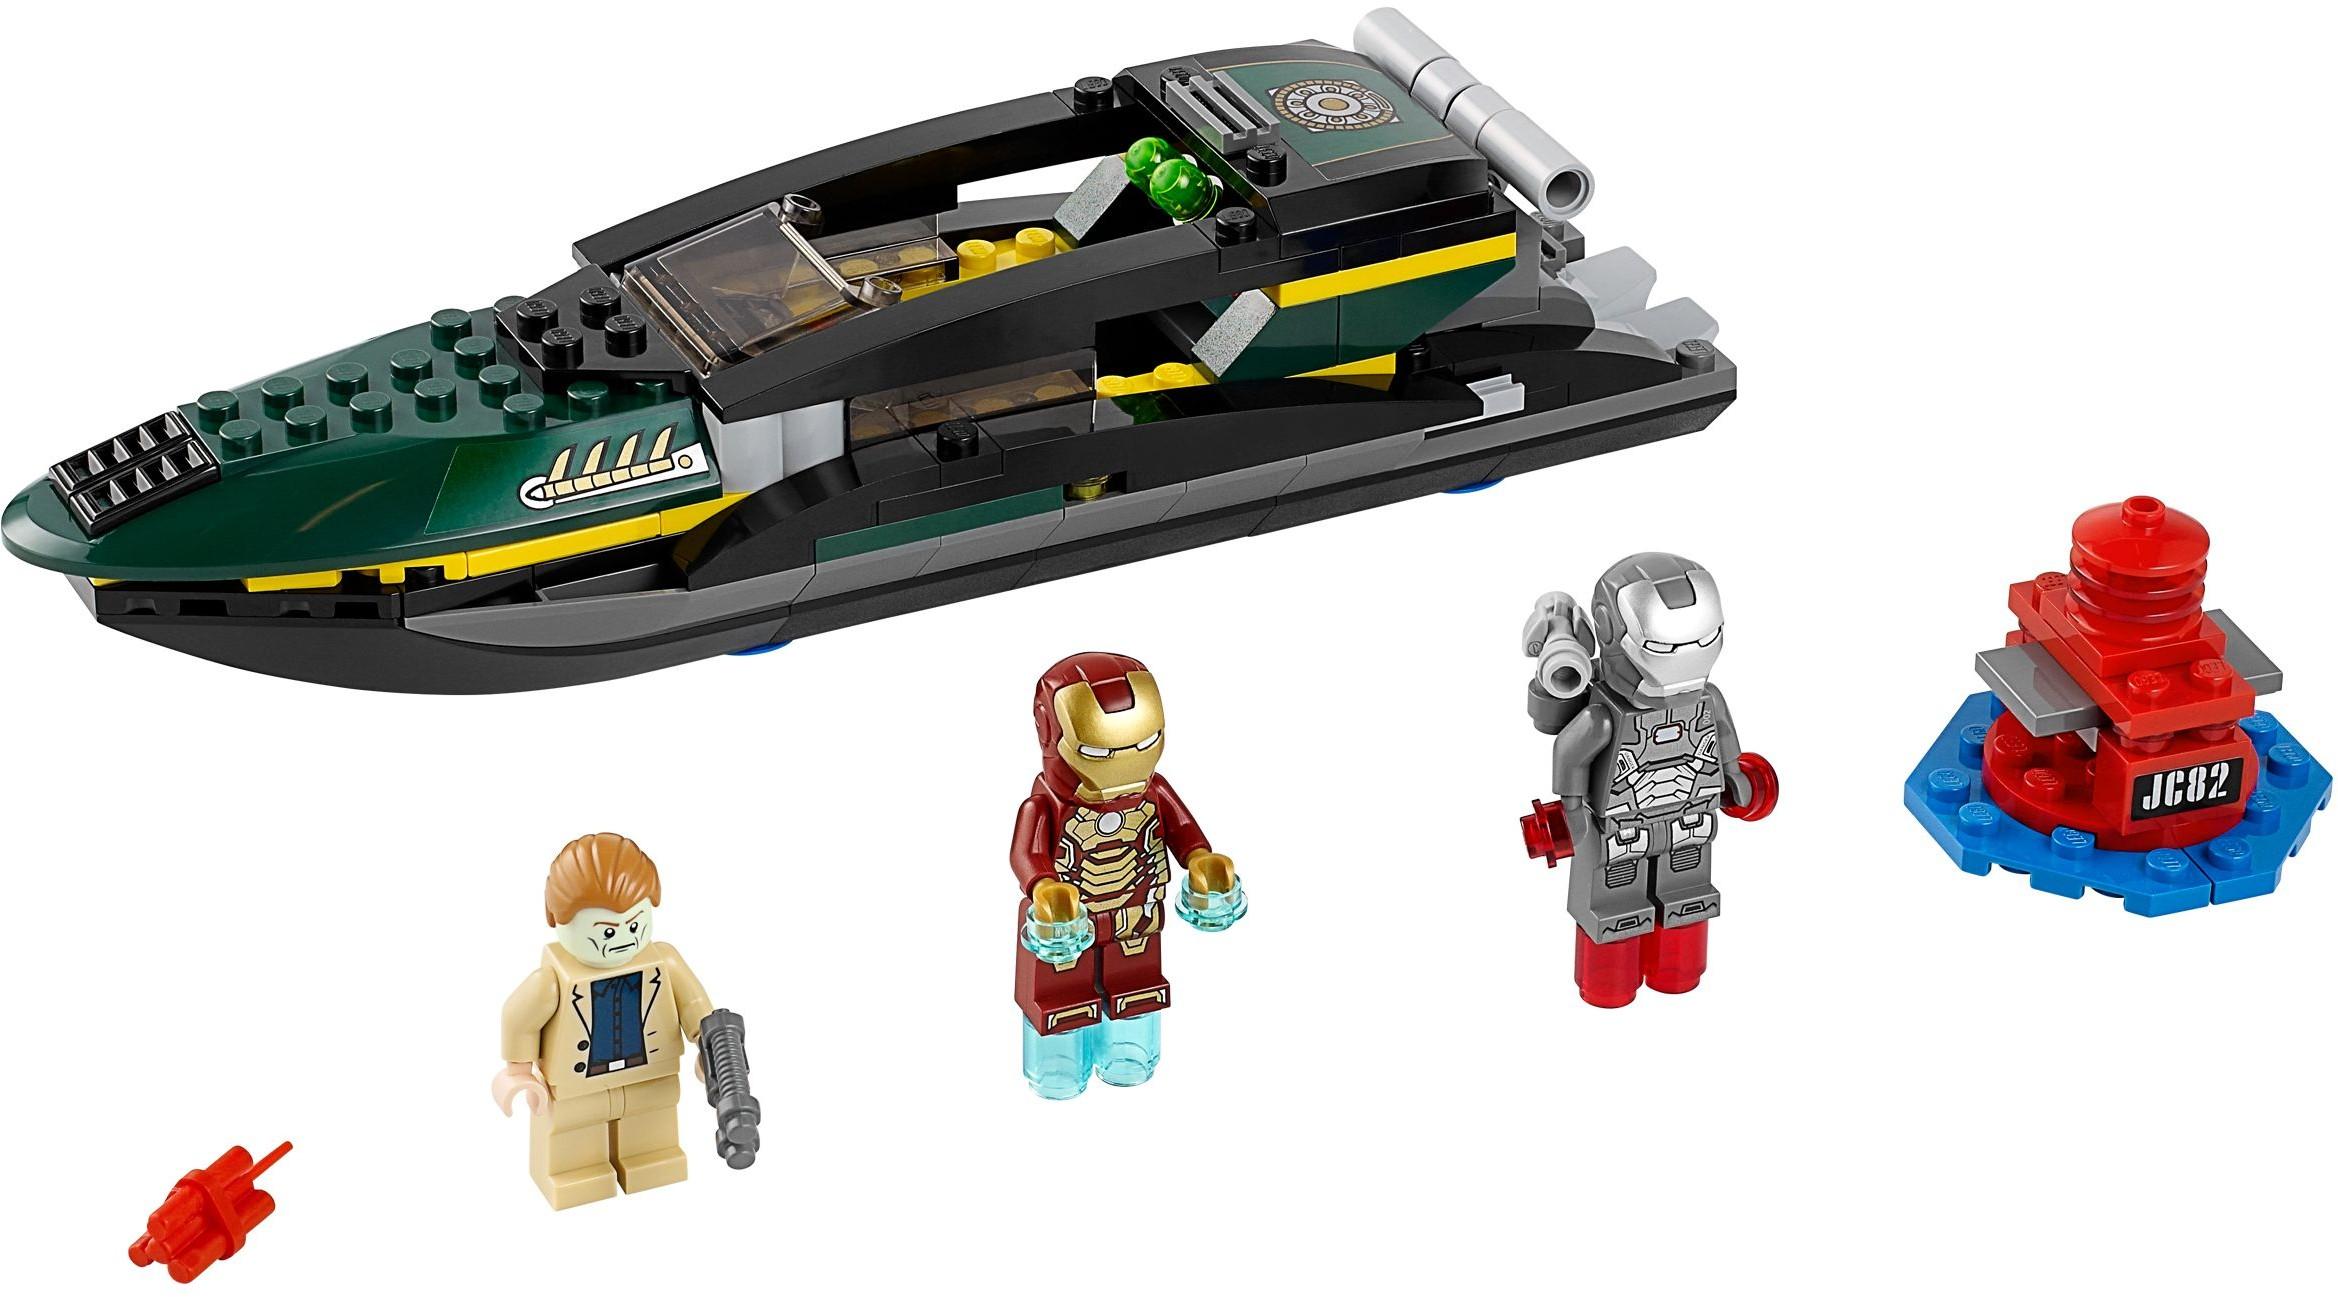 Marvel Super Heroes | Iron Man 3 | Brickset: LEGO set guide and database